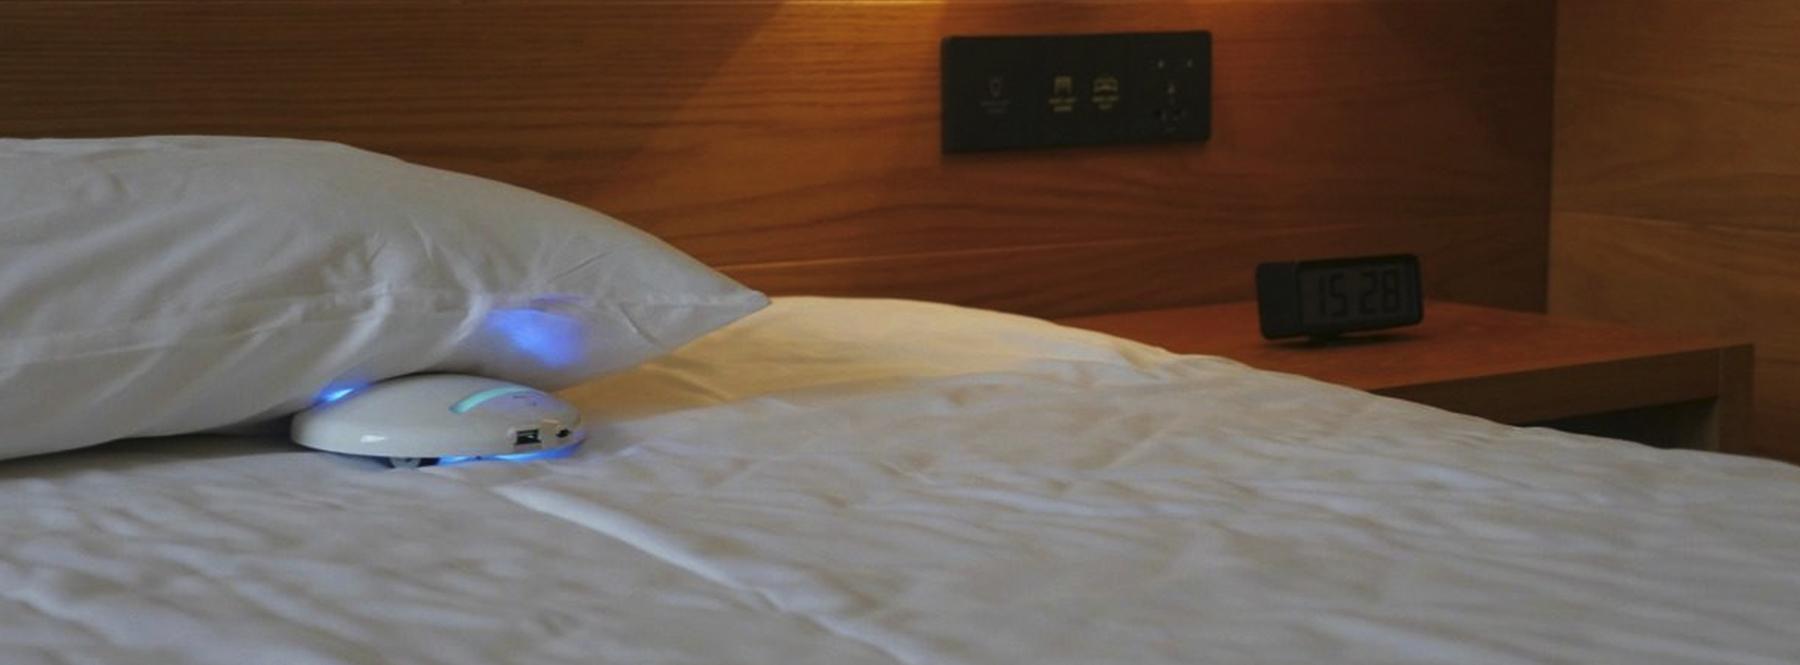 CleanseBot: el robot de bolsillo para desinfectar habitaciones